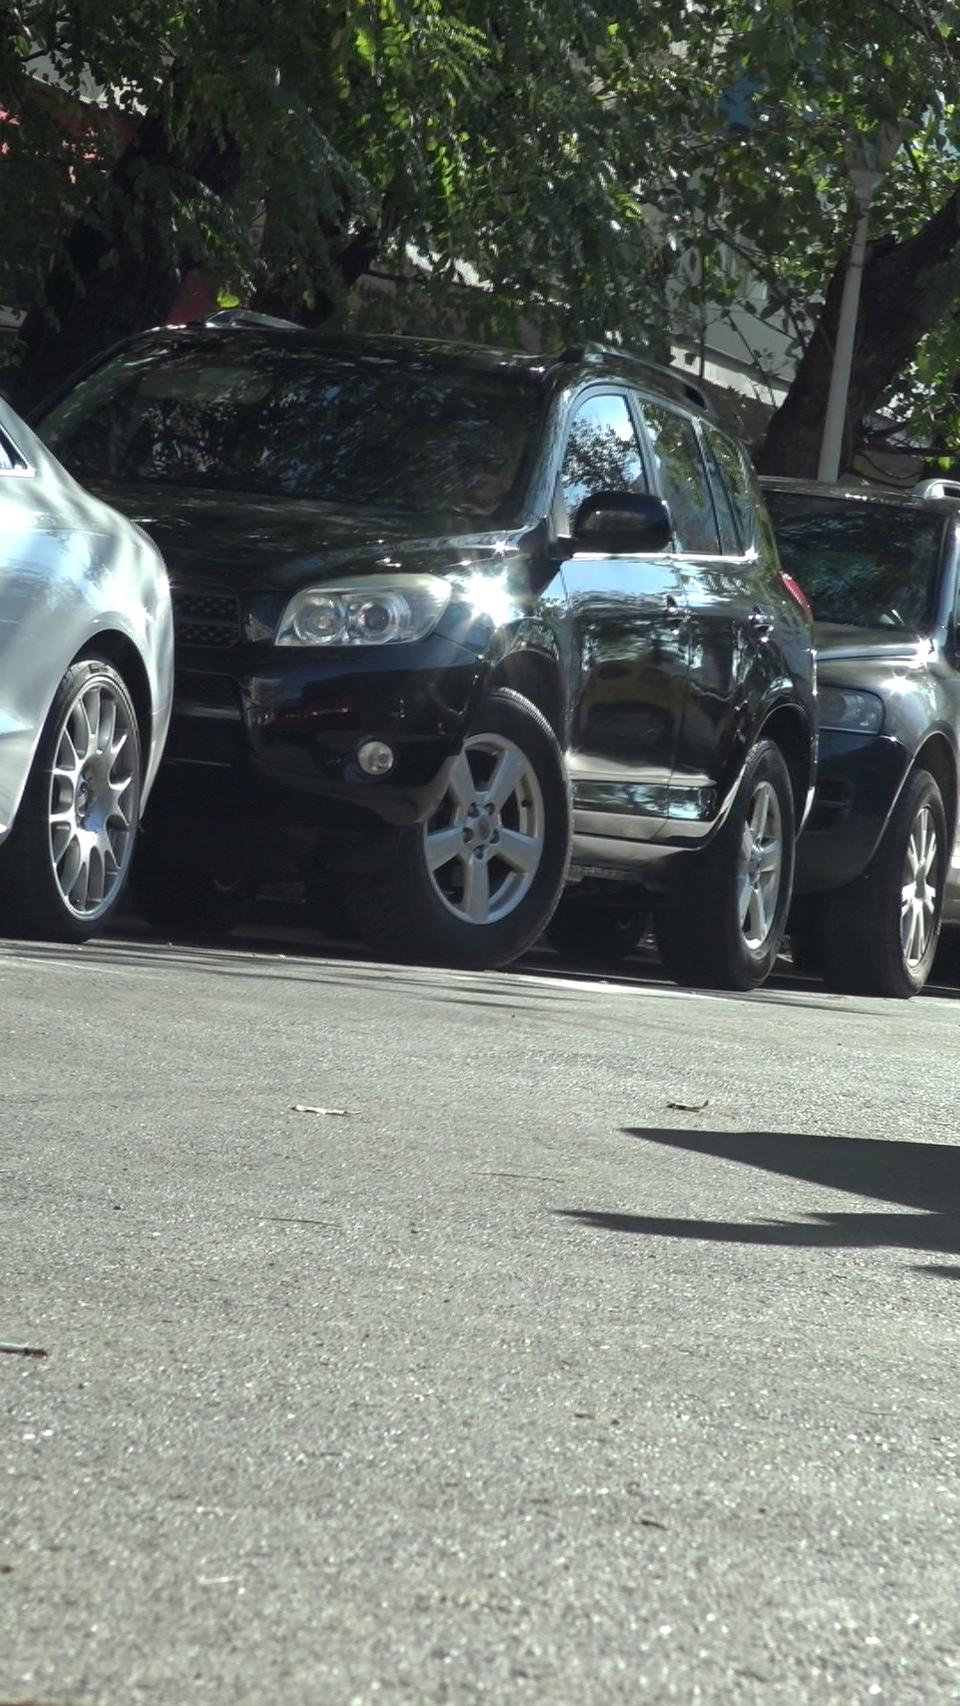 Jasmine stie sa parcheze masina la fel de bine cum se misca si pe ringul de dans! La aproape 40 de ani, excentrica dansatoare arata bestial VIDEO EXCLUSIV